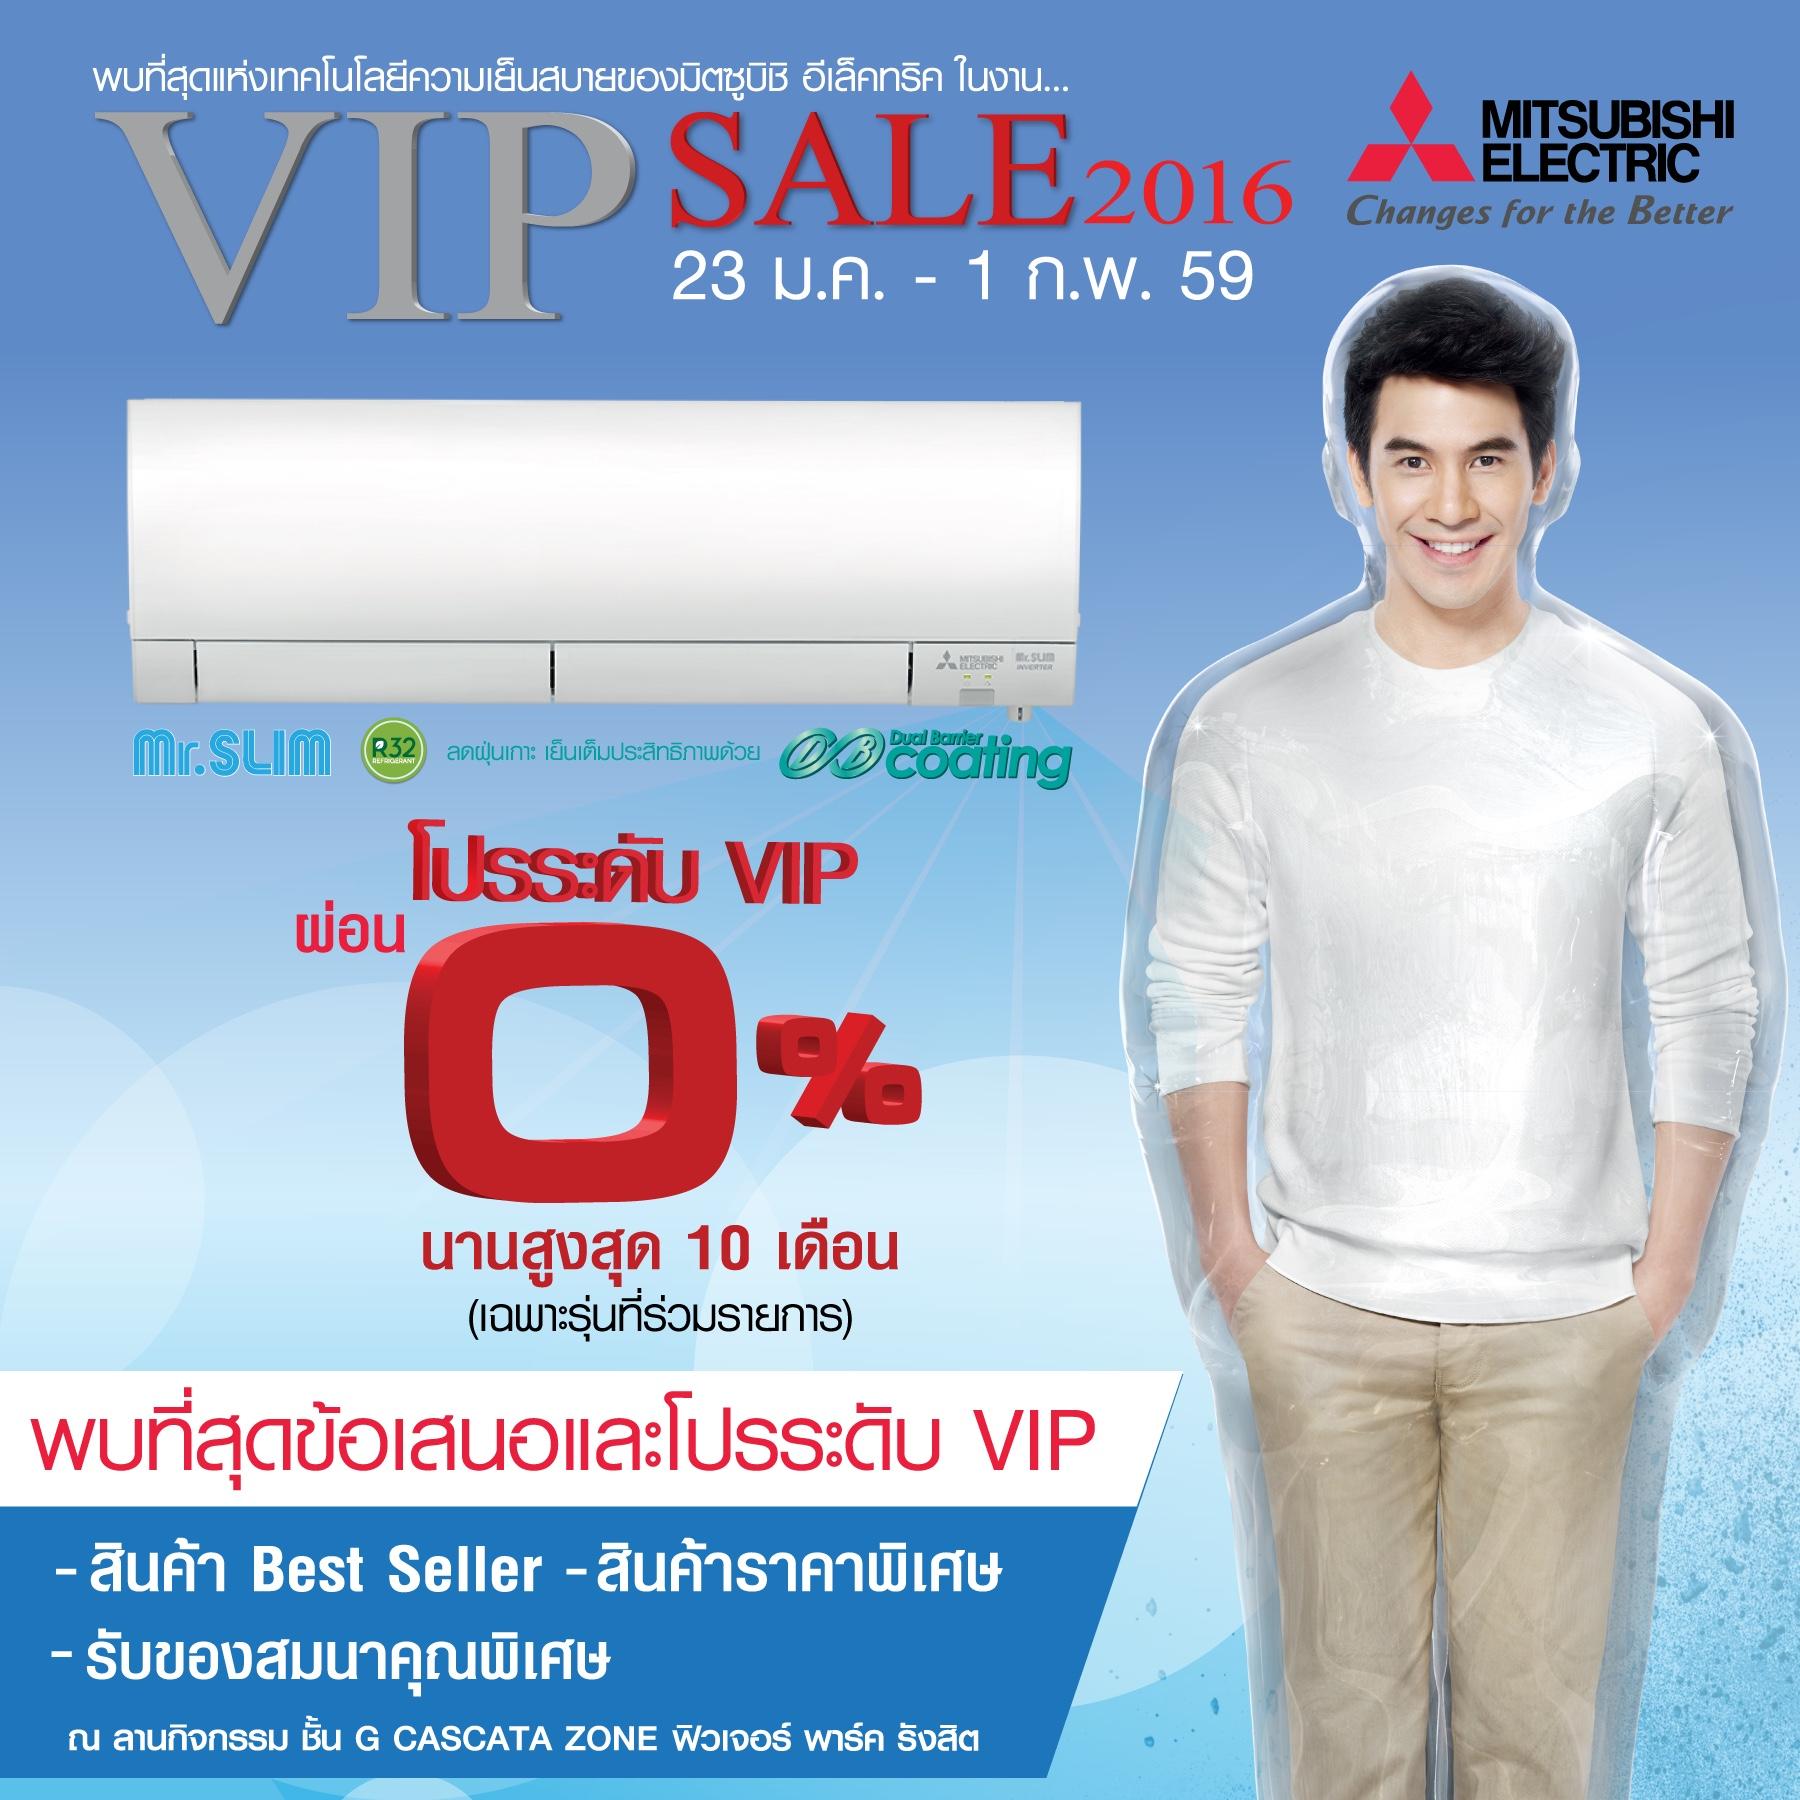 Mitsubishi VIP Sale 2016